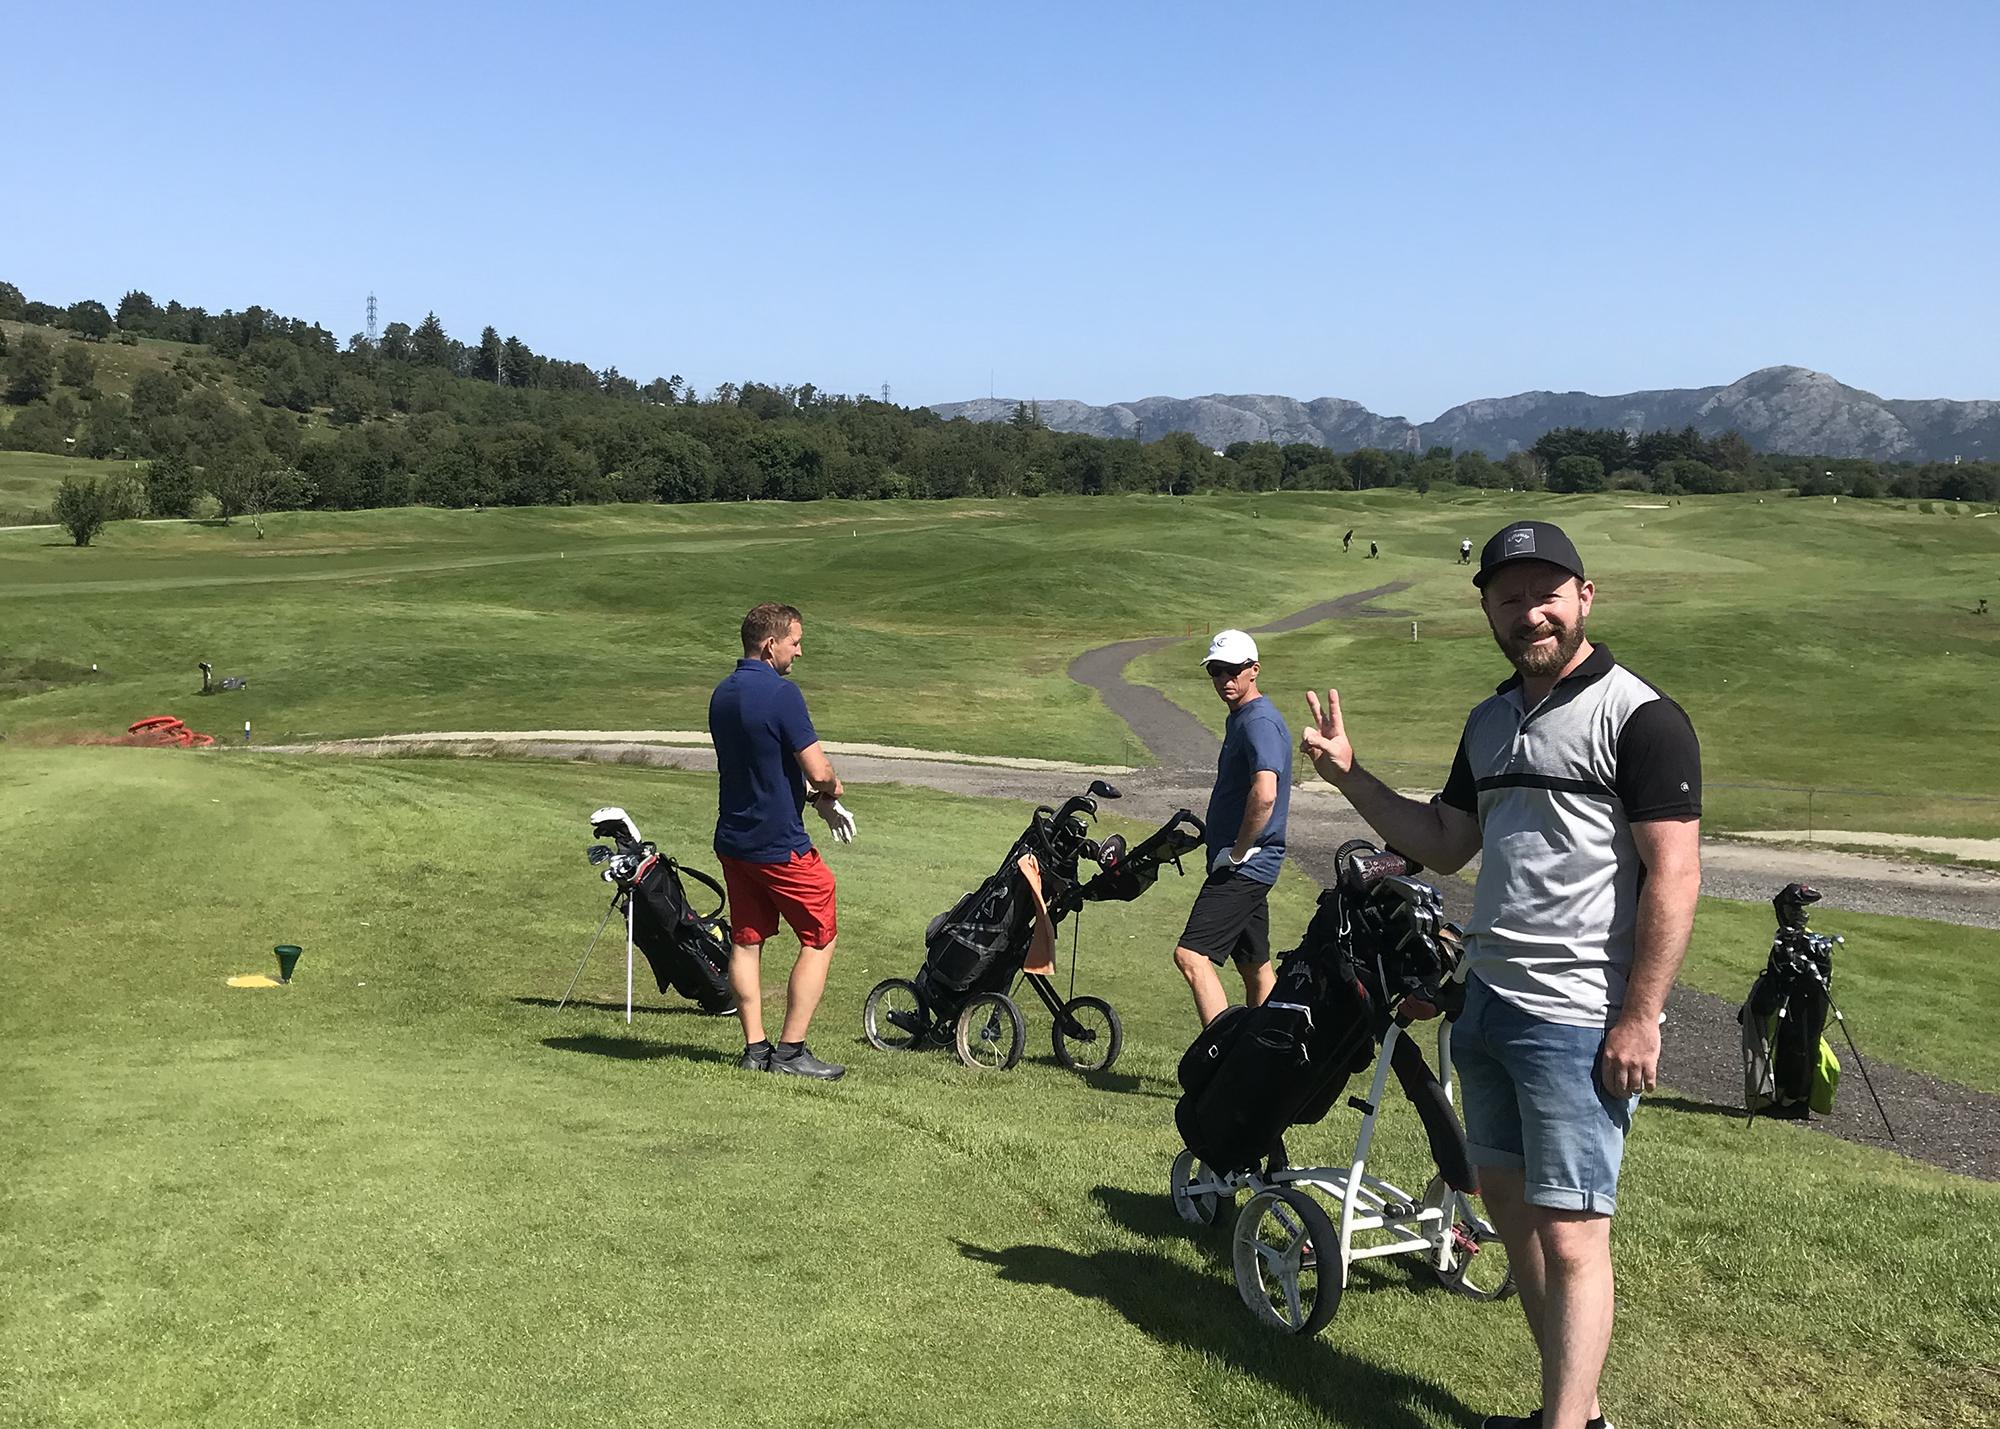 Bilde av golfspillere på utslagssted